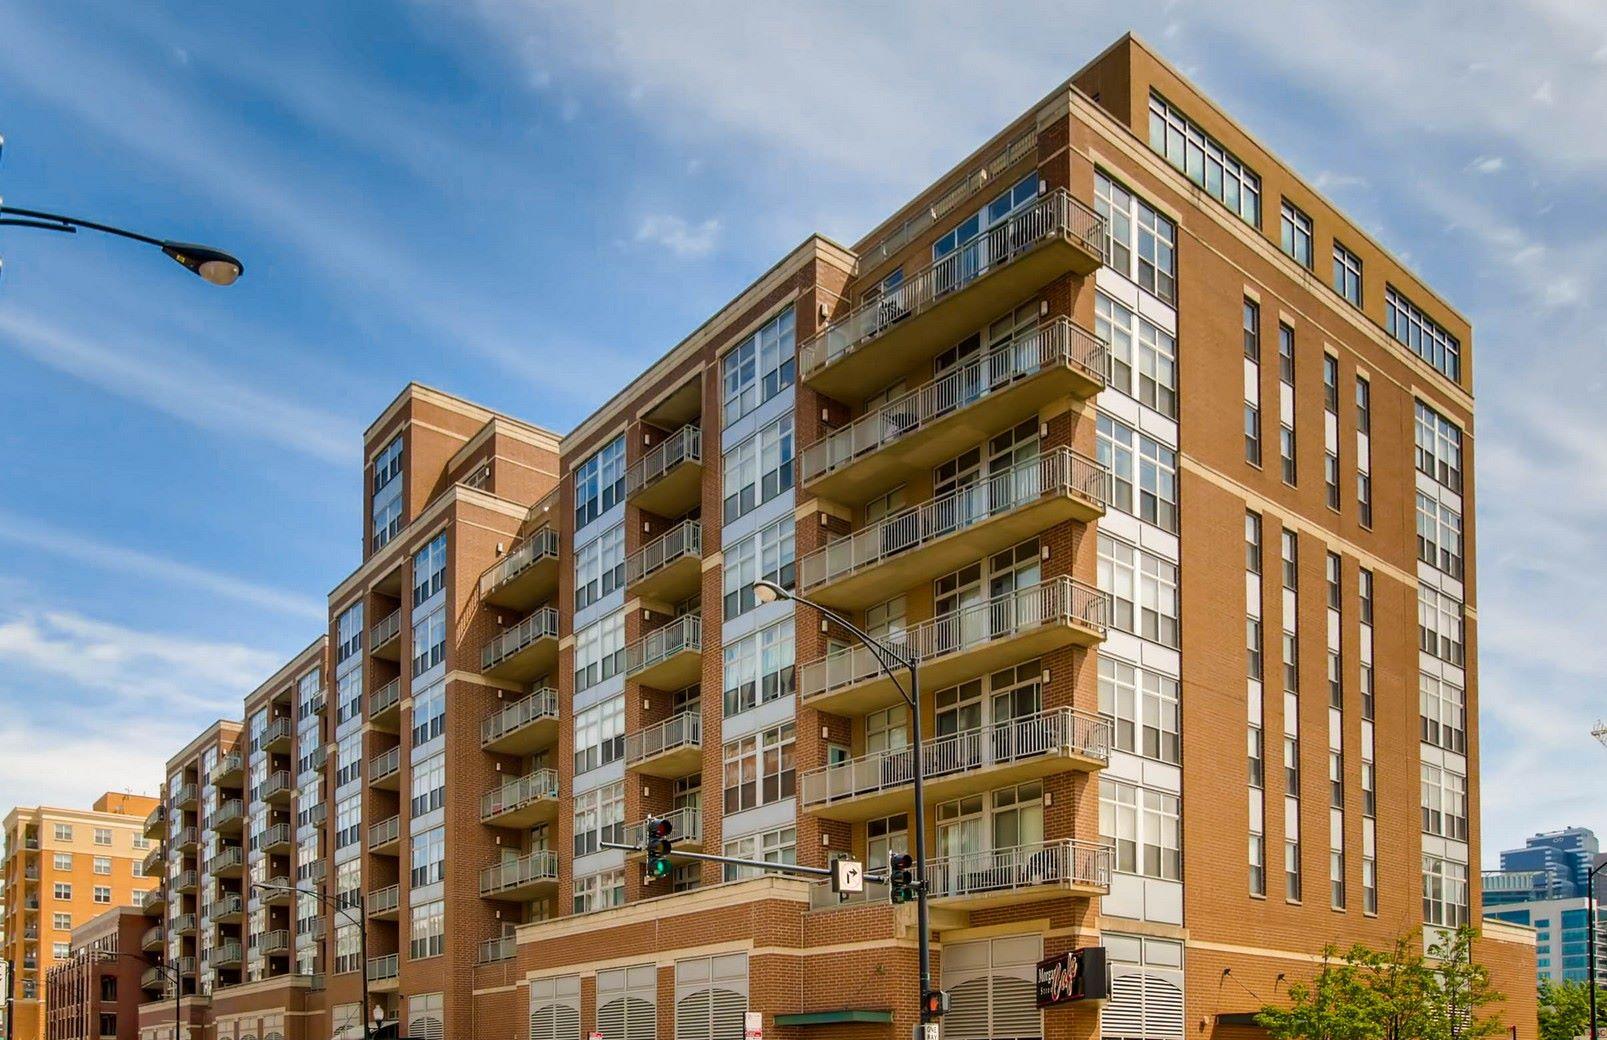 Condominium for Sale at Pristine West Loop Condo 111 S Morgan Street Unit 820 Chicago, Illinois 60607 United States